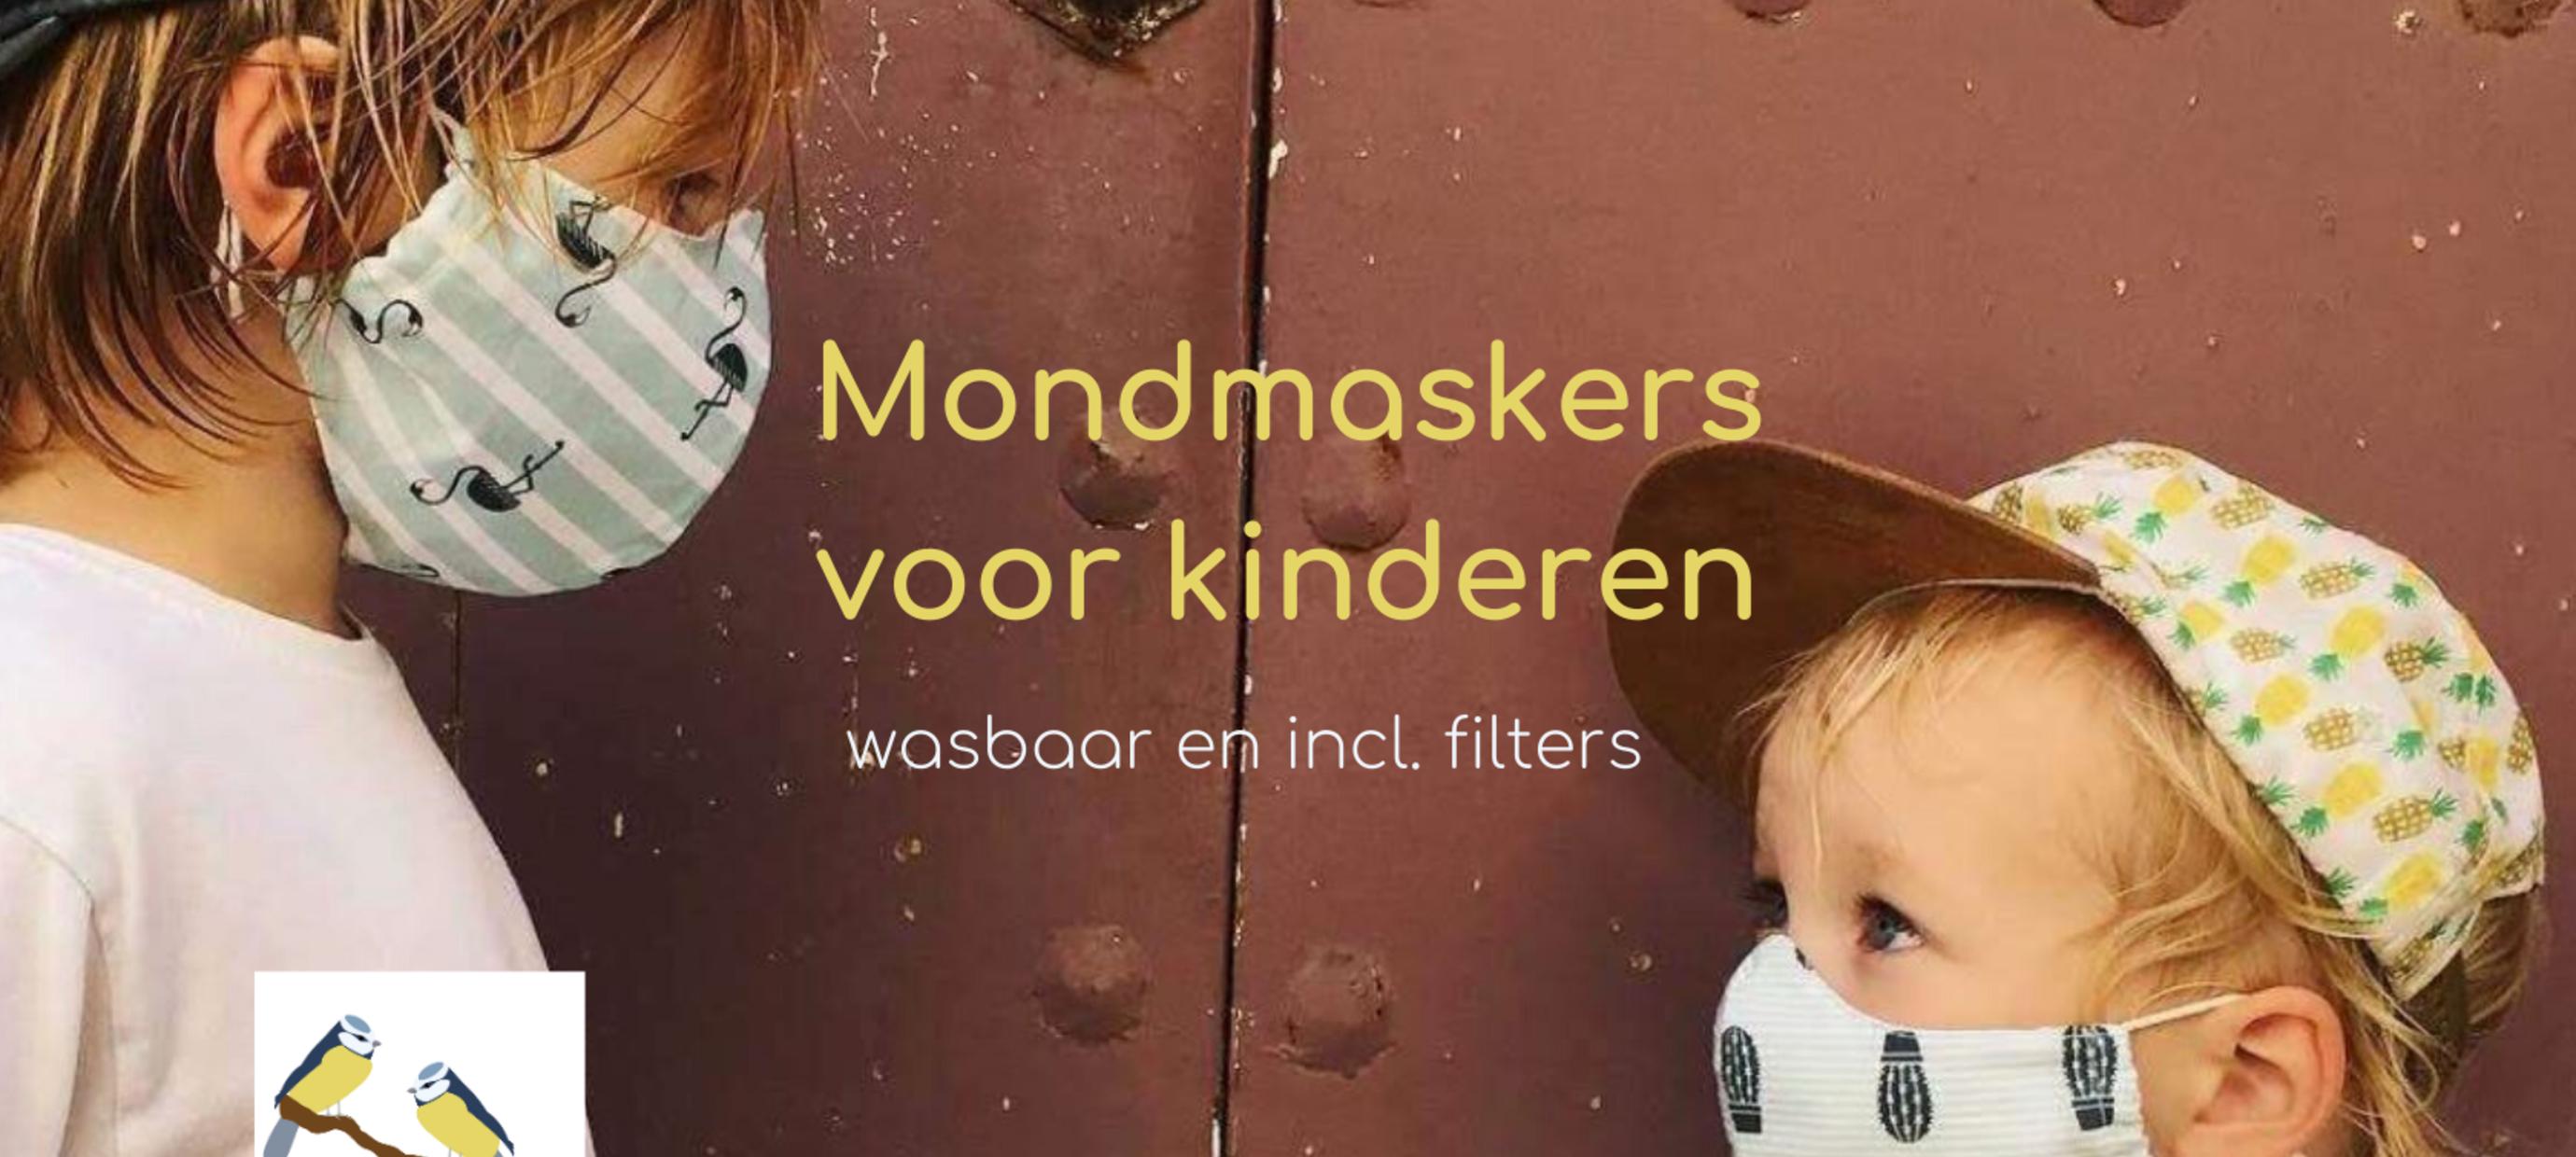 Mondmaskers voor kinderen | wasbaar en met filter